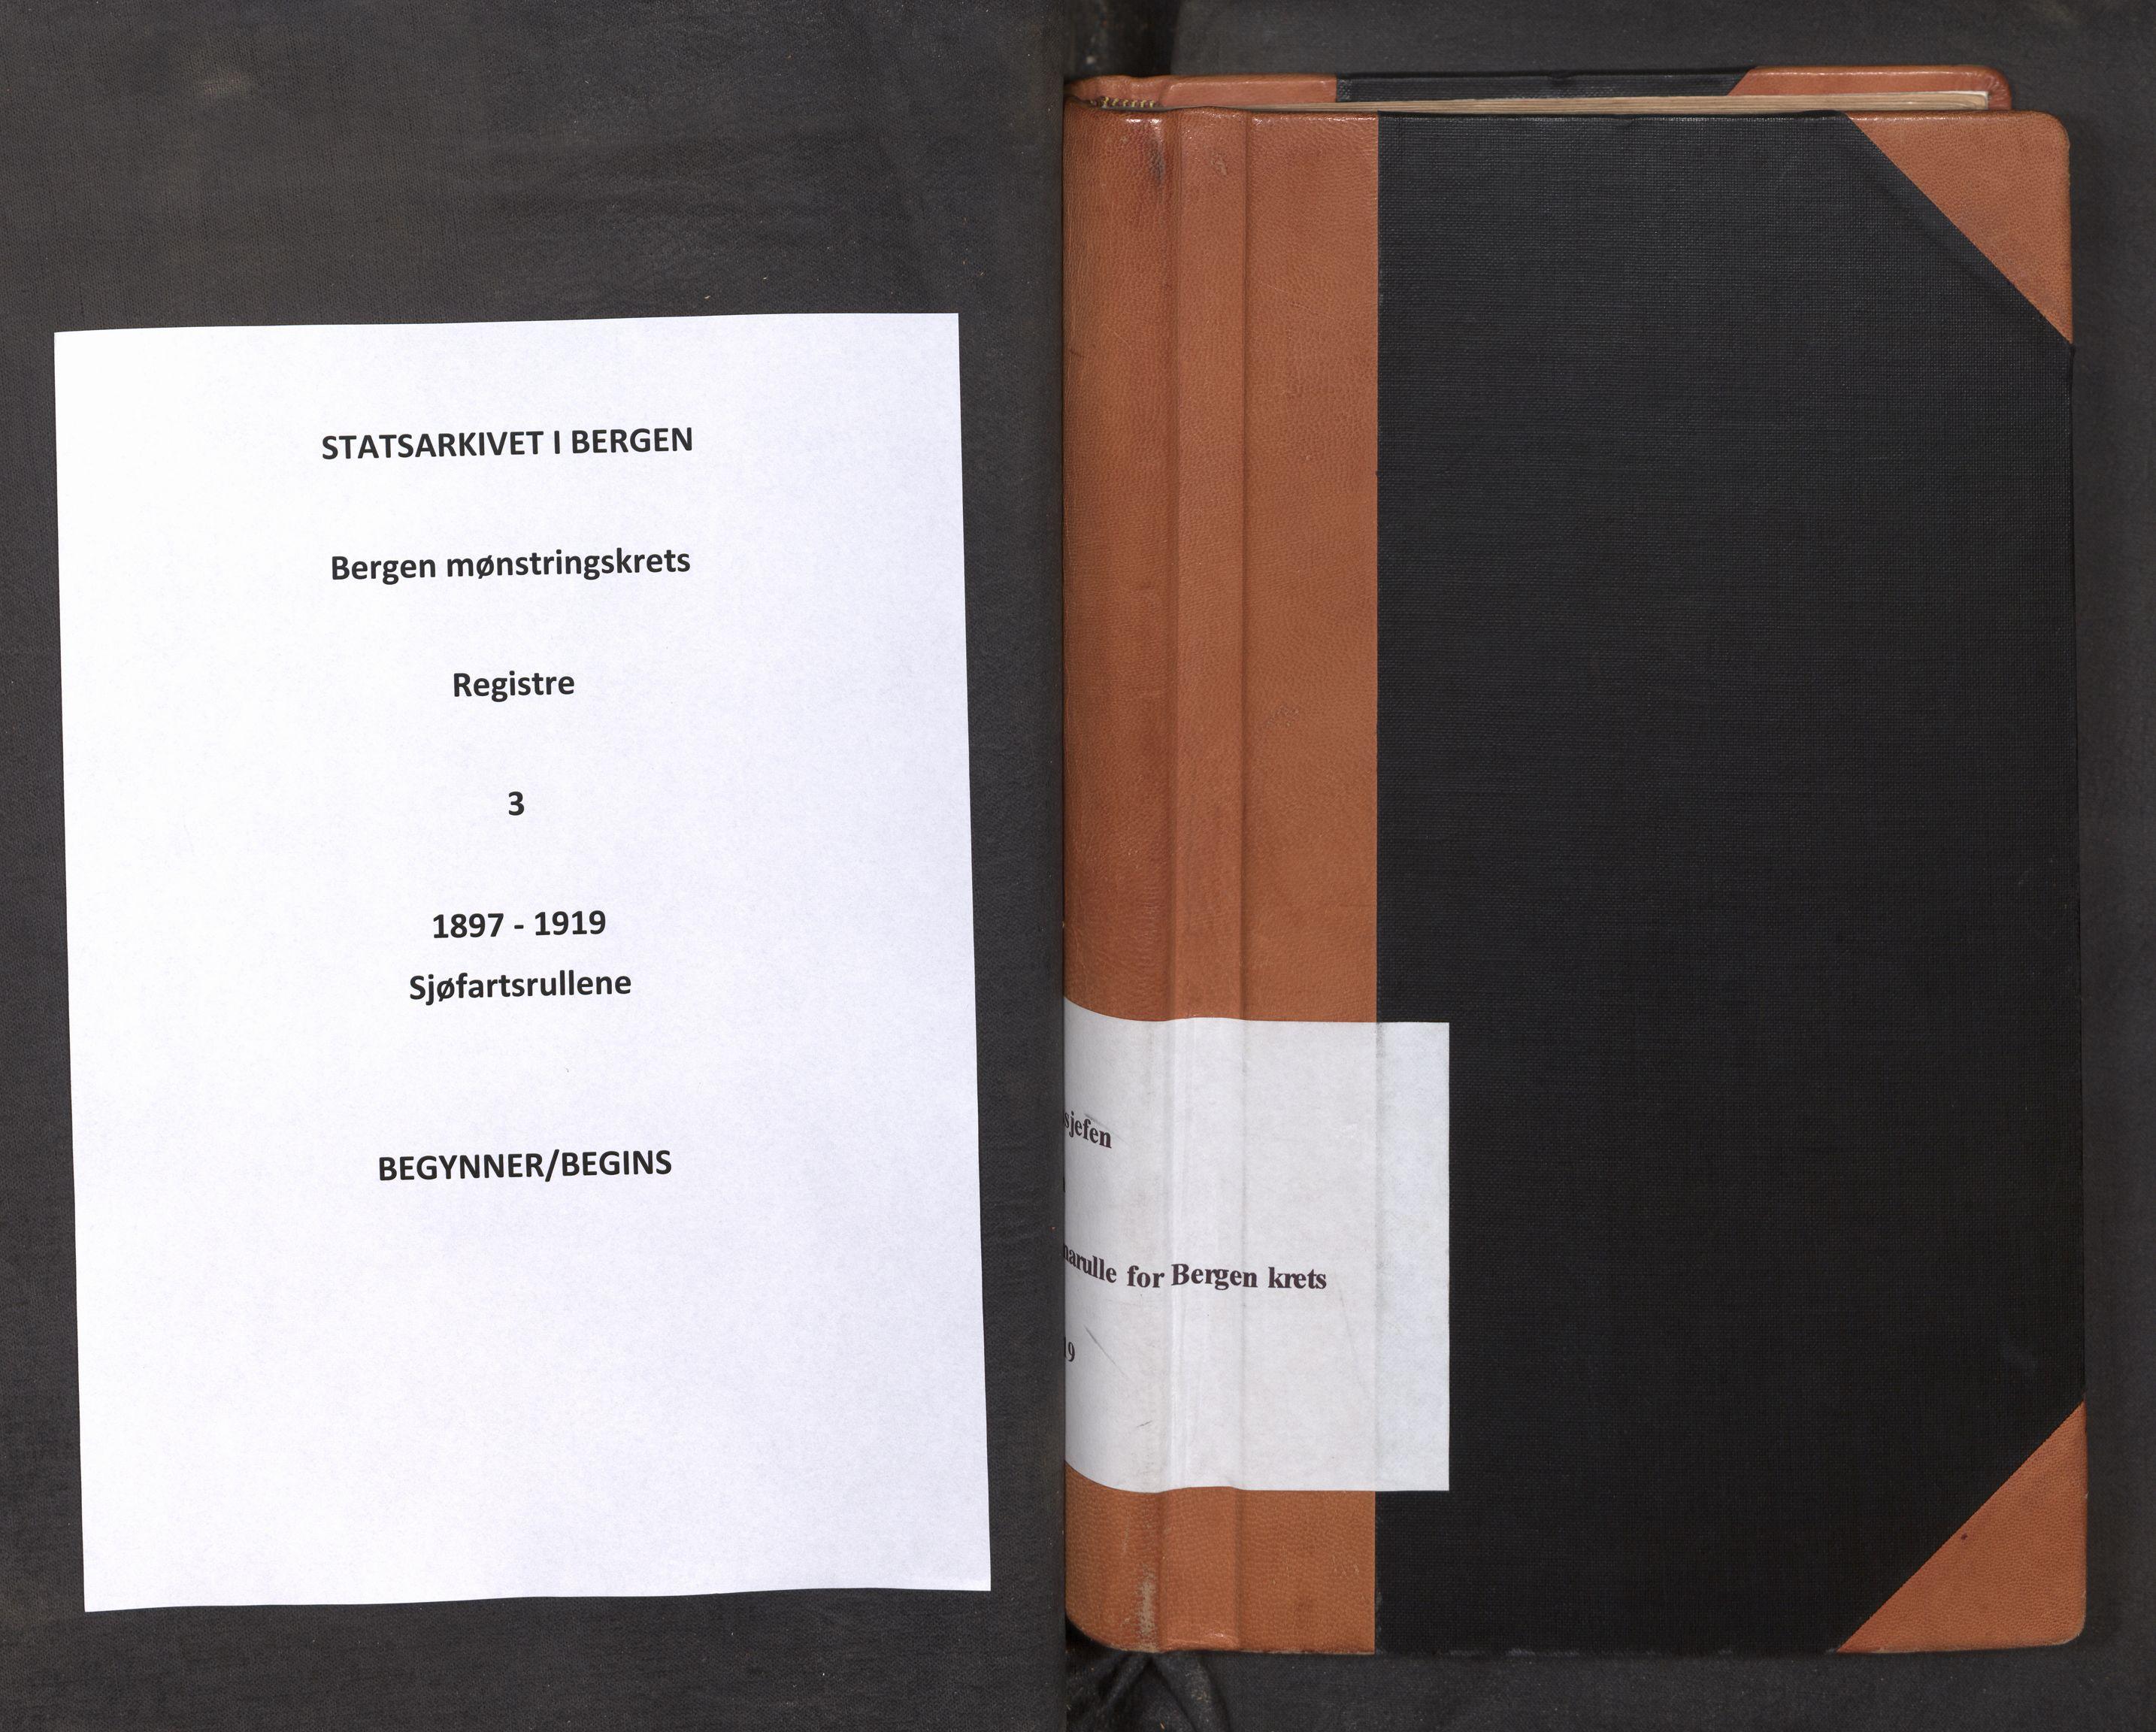 SAB, Innrulleringssjefen i Bergen, F/Fa/L0003: Register til sjøfarts-annotasjonsrulle for Bergen krets, 1897-1919